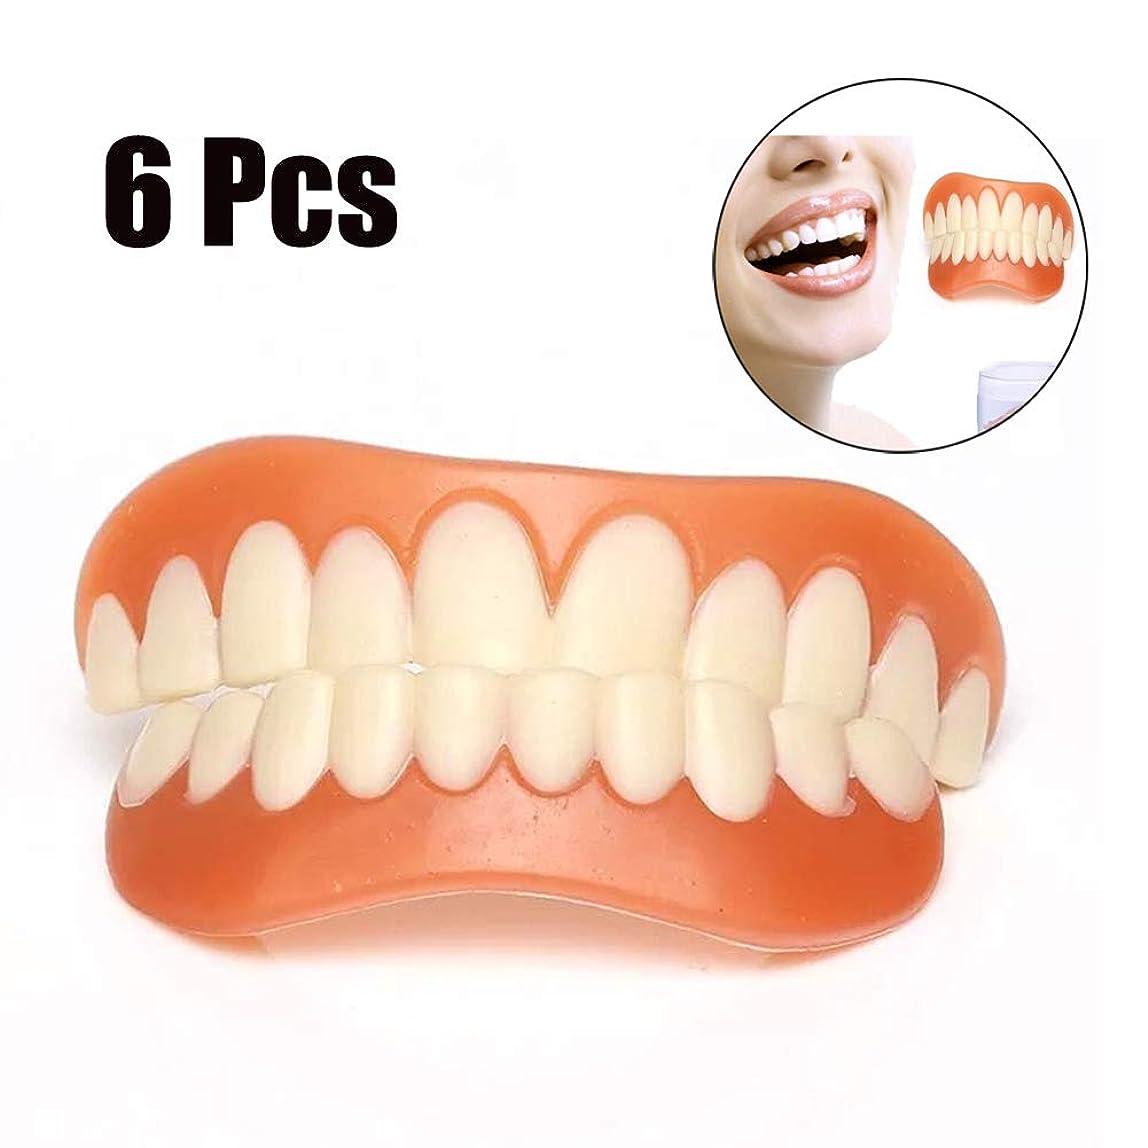 感嘆感じごみ6本のベニアの歯、化粧品の歯3ペア - インスタントスマイルコンフォートフィットフレックス化粧品の歯、ワンサイズ、快適なトップとボトムベニア